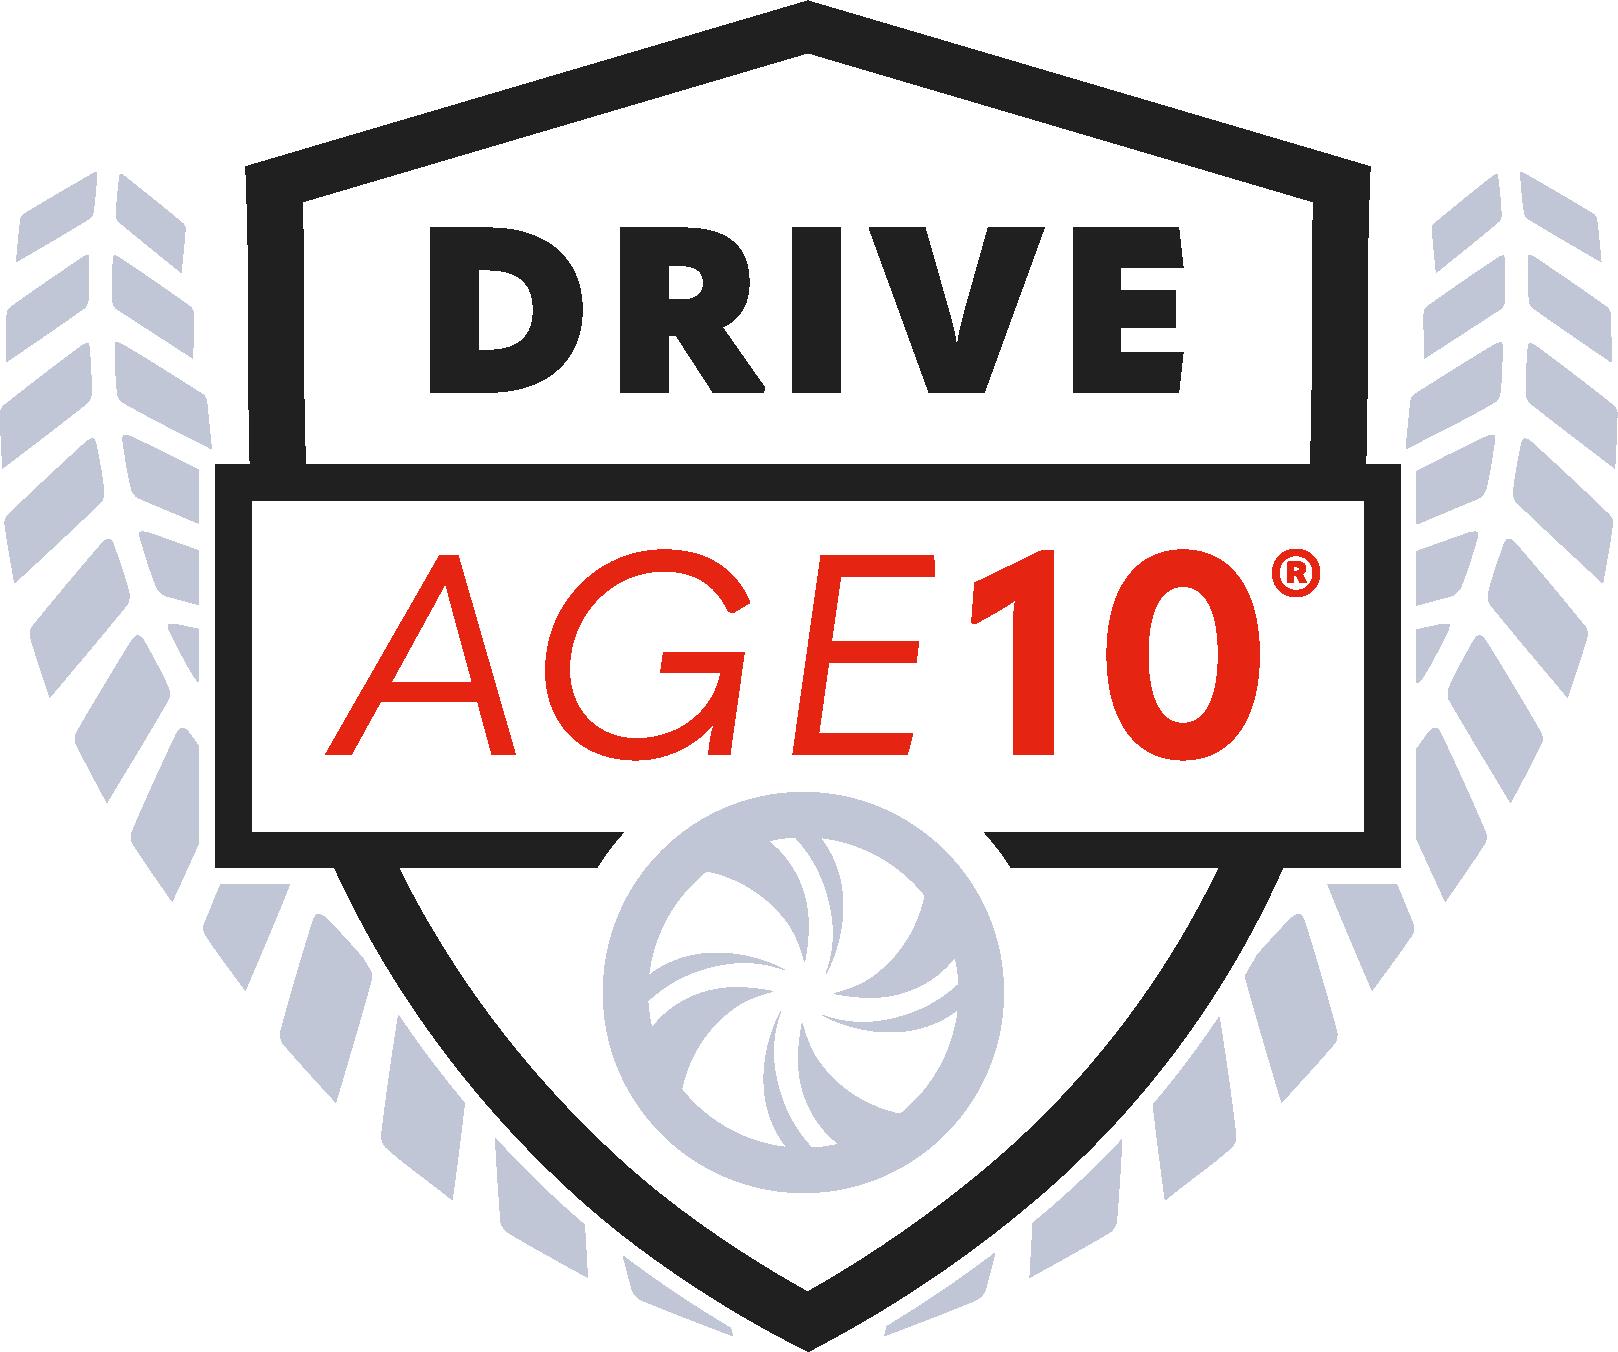 Driveage10